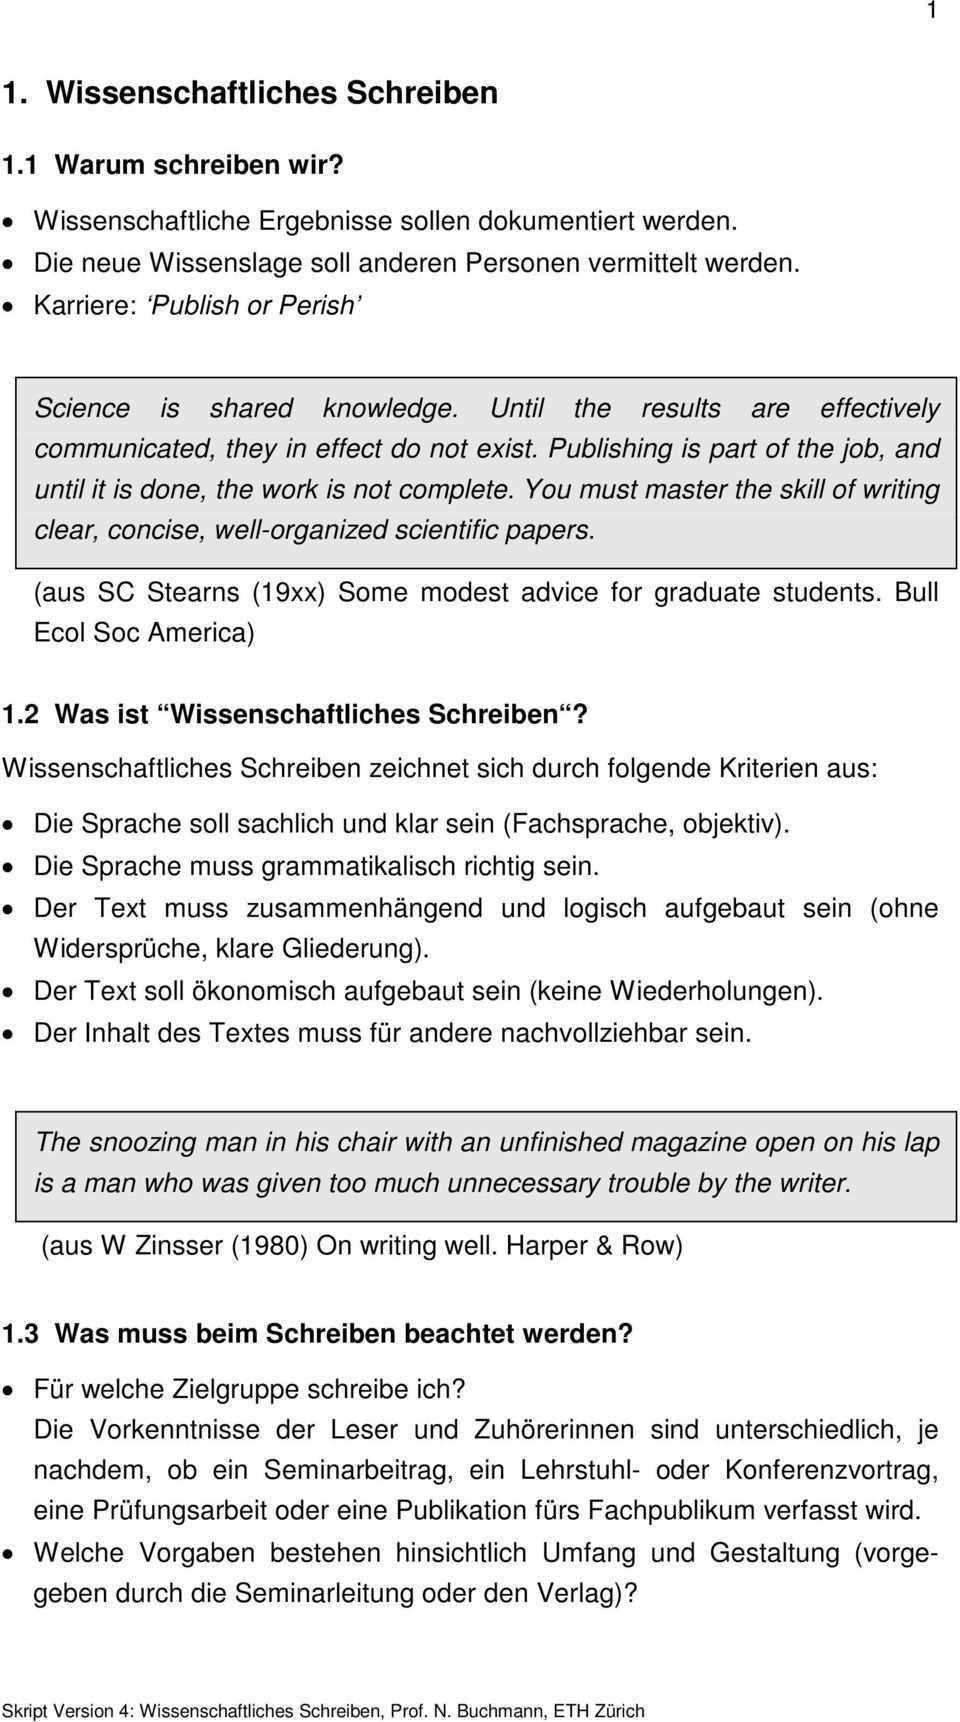 Wissenschaftliches Schreiben Pdf Free Download